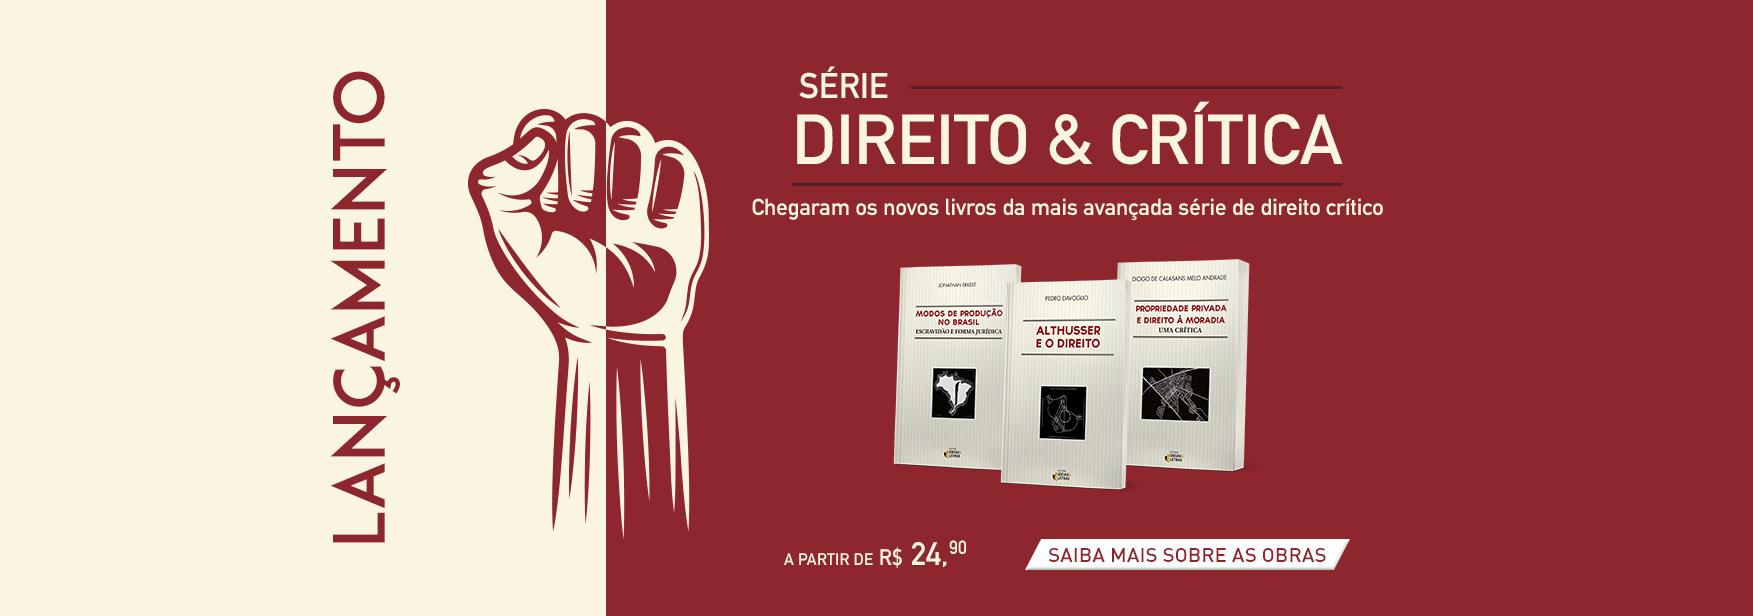 Série Direito e Crítica